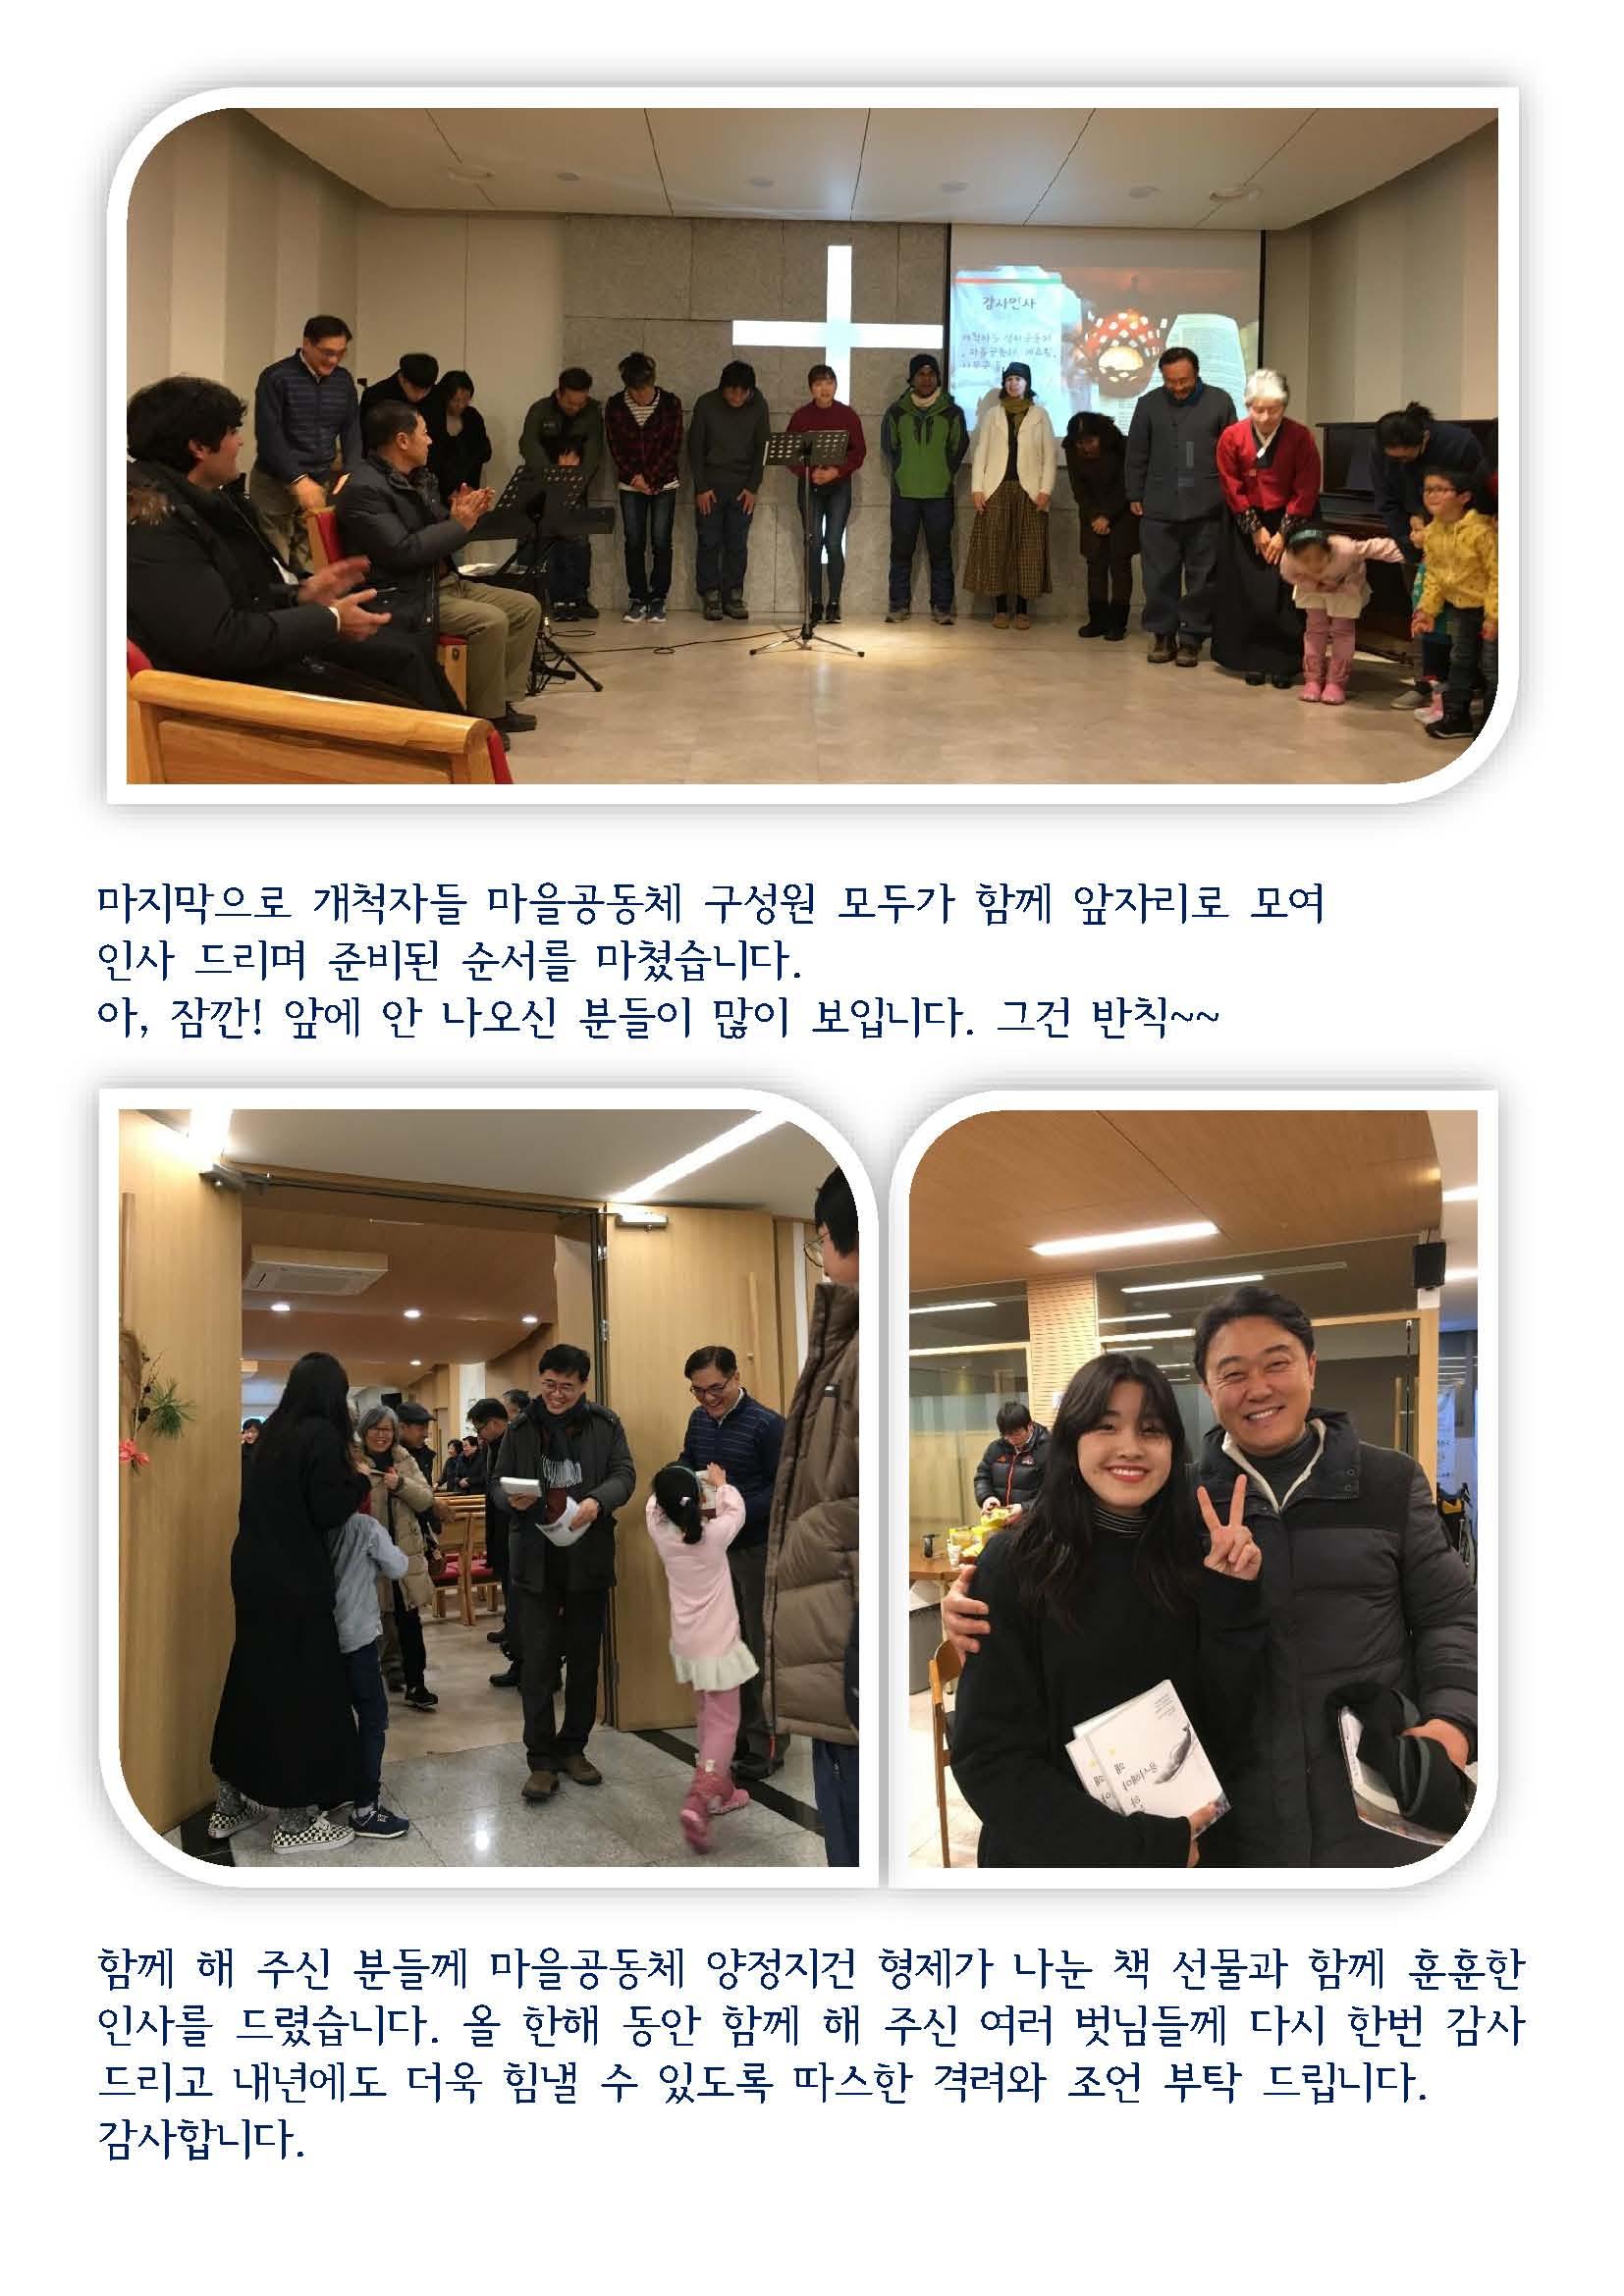 2017 사역보고 및 감사의 밤 후기_페이지_8.jpg